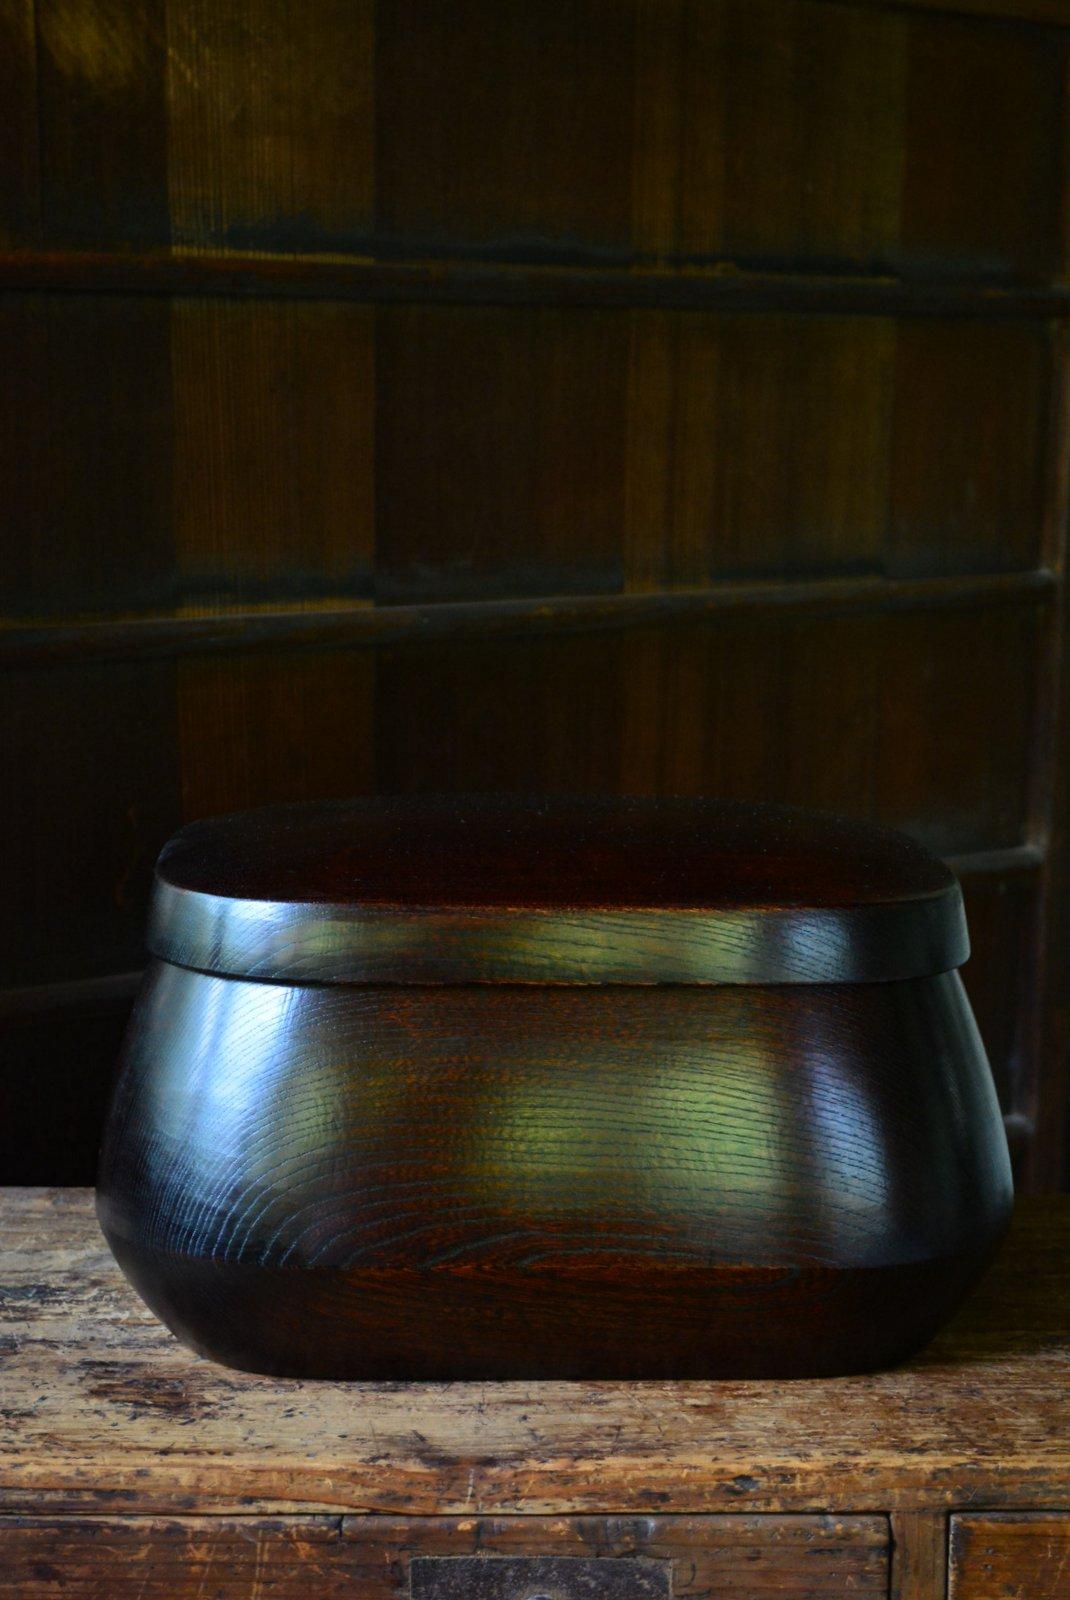 「 佃 眞吾展 我谷木工・林竜人さんを偲ぶ 」  工芸とクラフト_d0087761_17522463.jpg